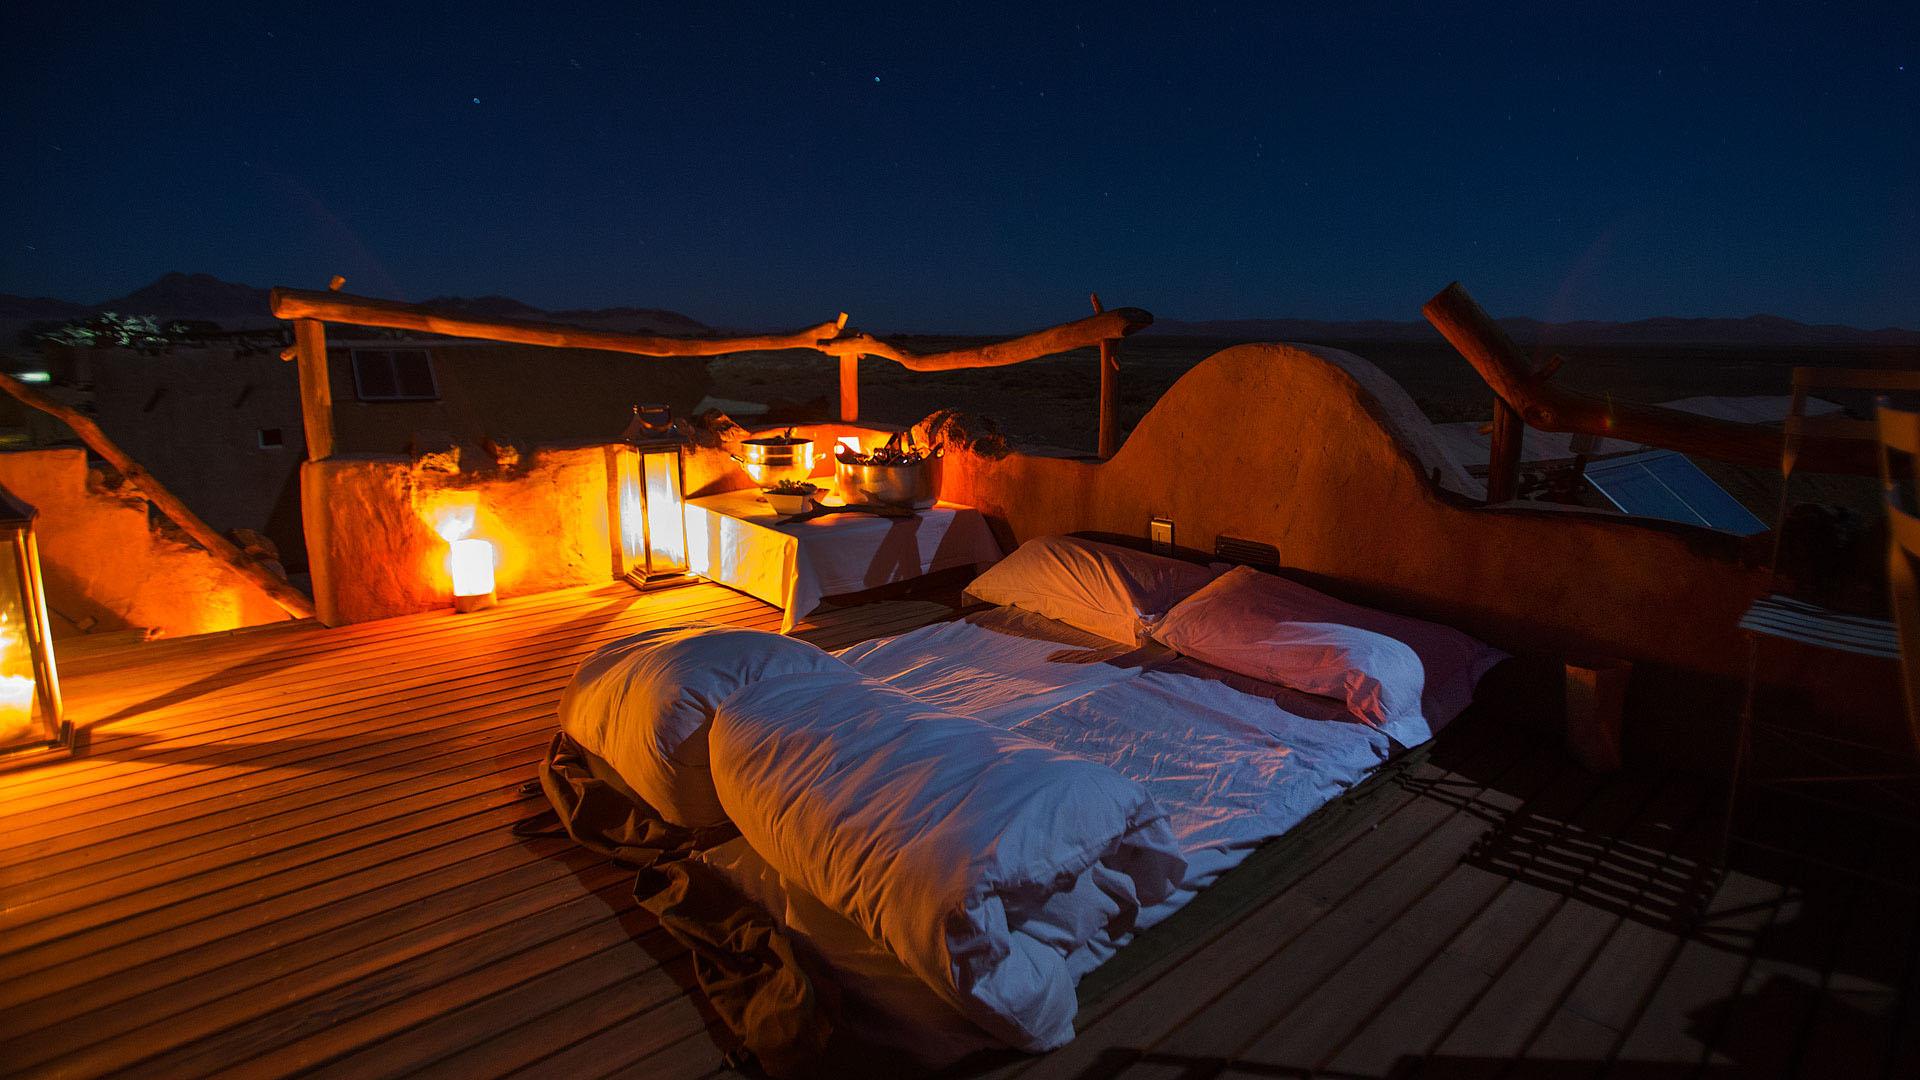 Namibie, désert du Namib : un lit est préparé dans une ambiance romantique sur le toit terrasse de la chambre pour une nuit à la belle étoile